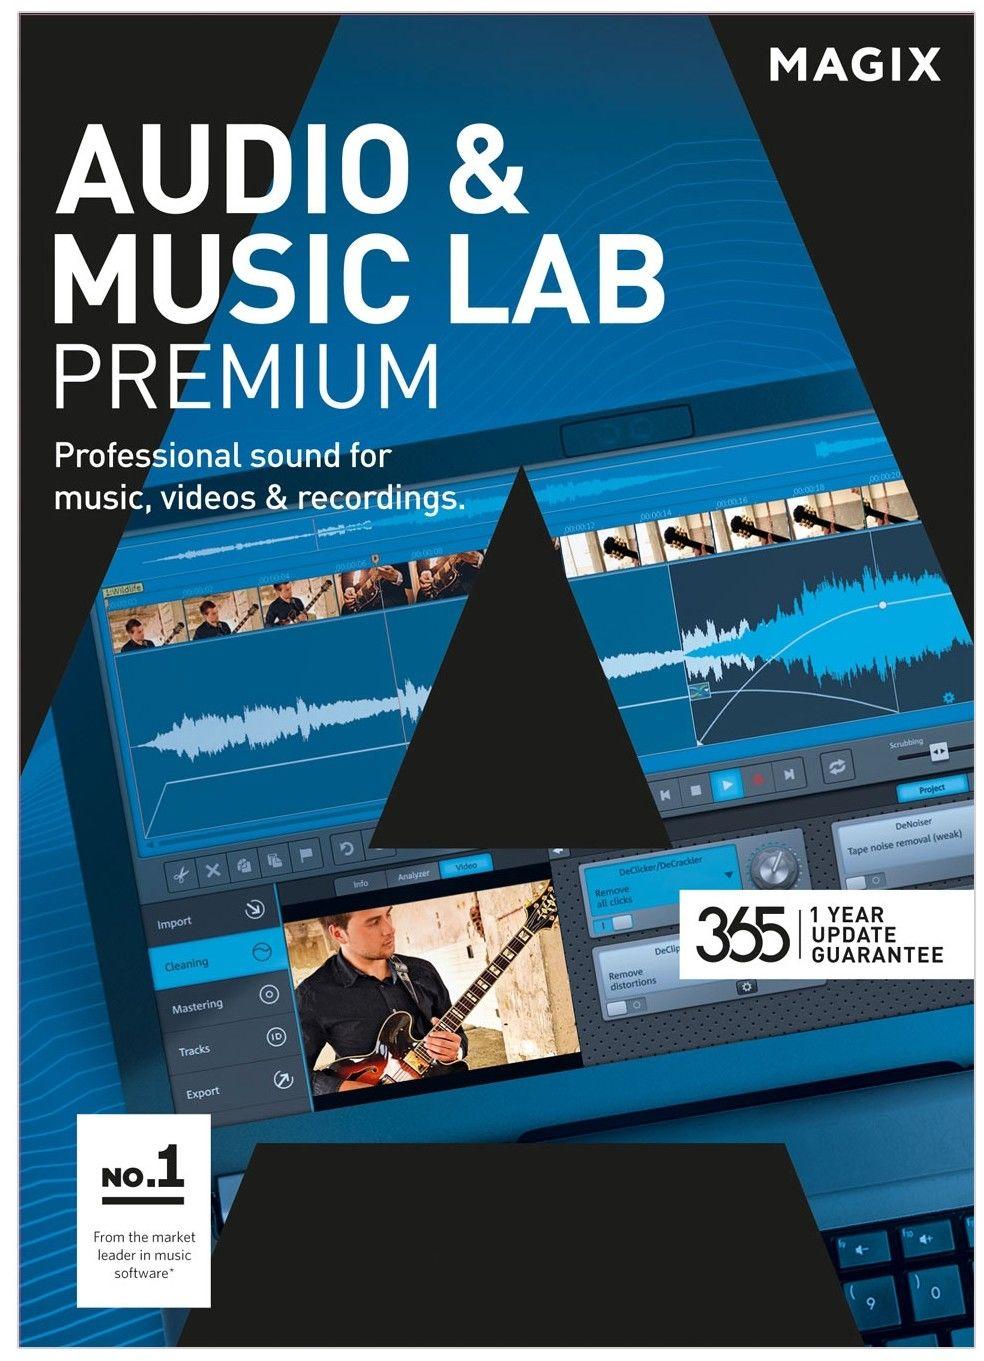 MAGIX Audio & Music Lab Premium - ESD - cyfrowa - Edu i Gov - Certyfikaty Rzetelna Firma i Adobe Gold Reseller